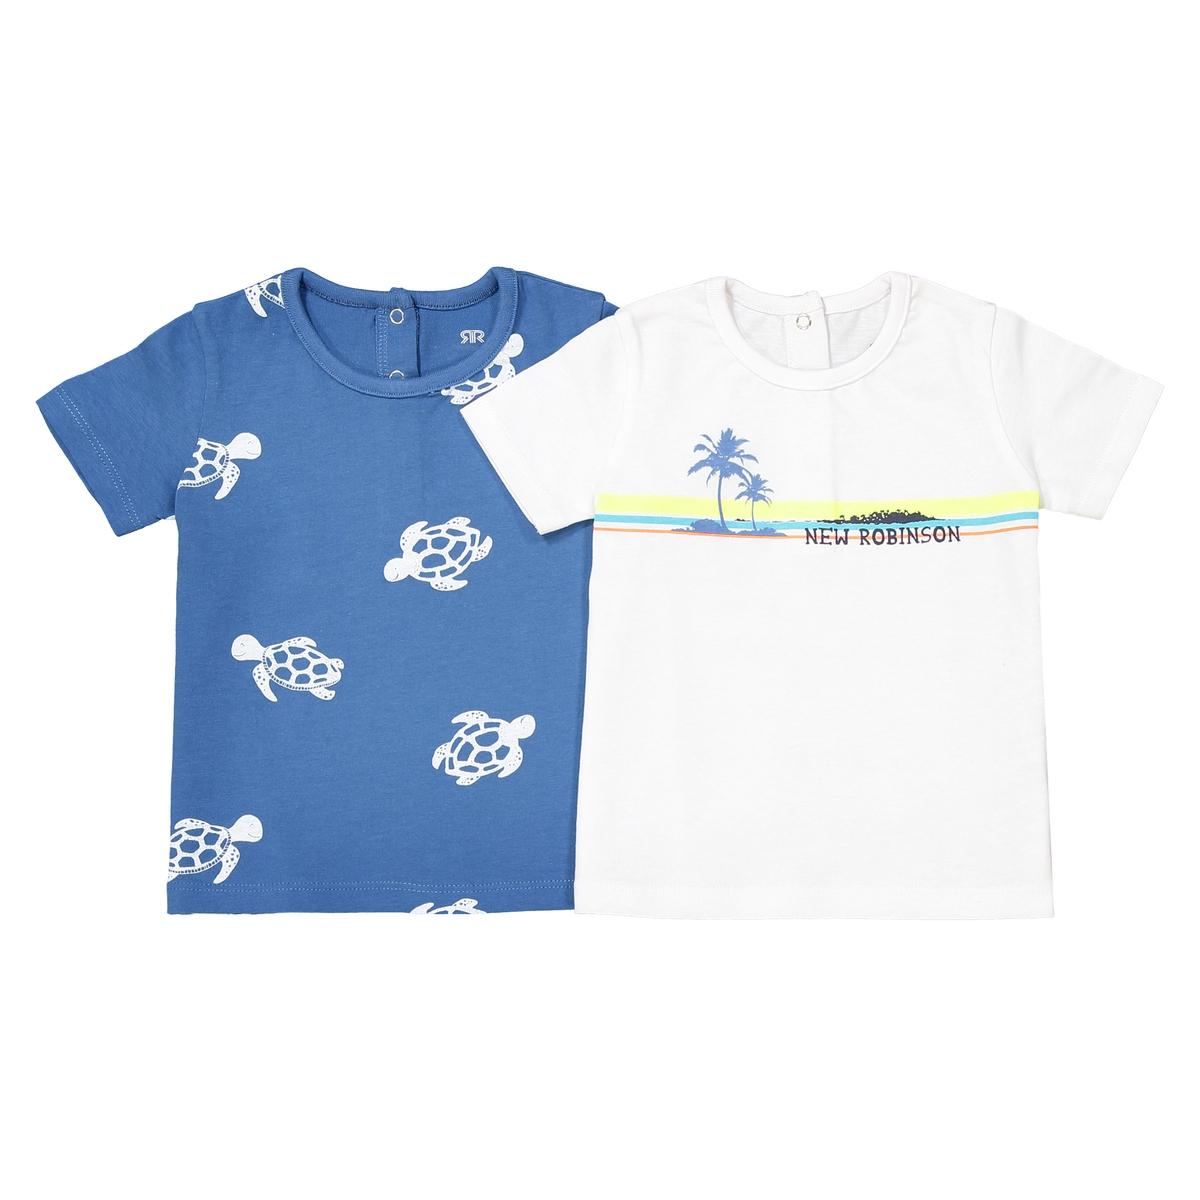 Комплект из 2 футболок с принтом 1 мес - 3 летОписаниеДетали •  Короткие рукава •  Круглый вырез •  Рисунок-принтСостав и уход •  100% хлопок • Температура стирки 40° •  Сухая чистка и отбеливатели запрещены •  Барабанная сушка на слабом режиме •  Низкая температура глажки<br><br>Цвет: синий/белый